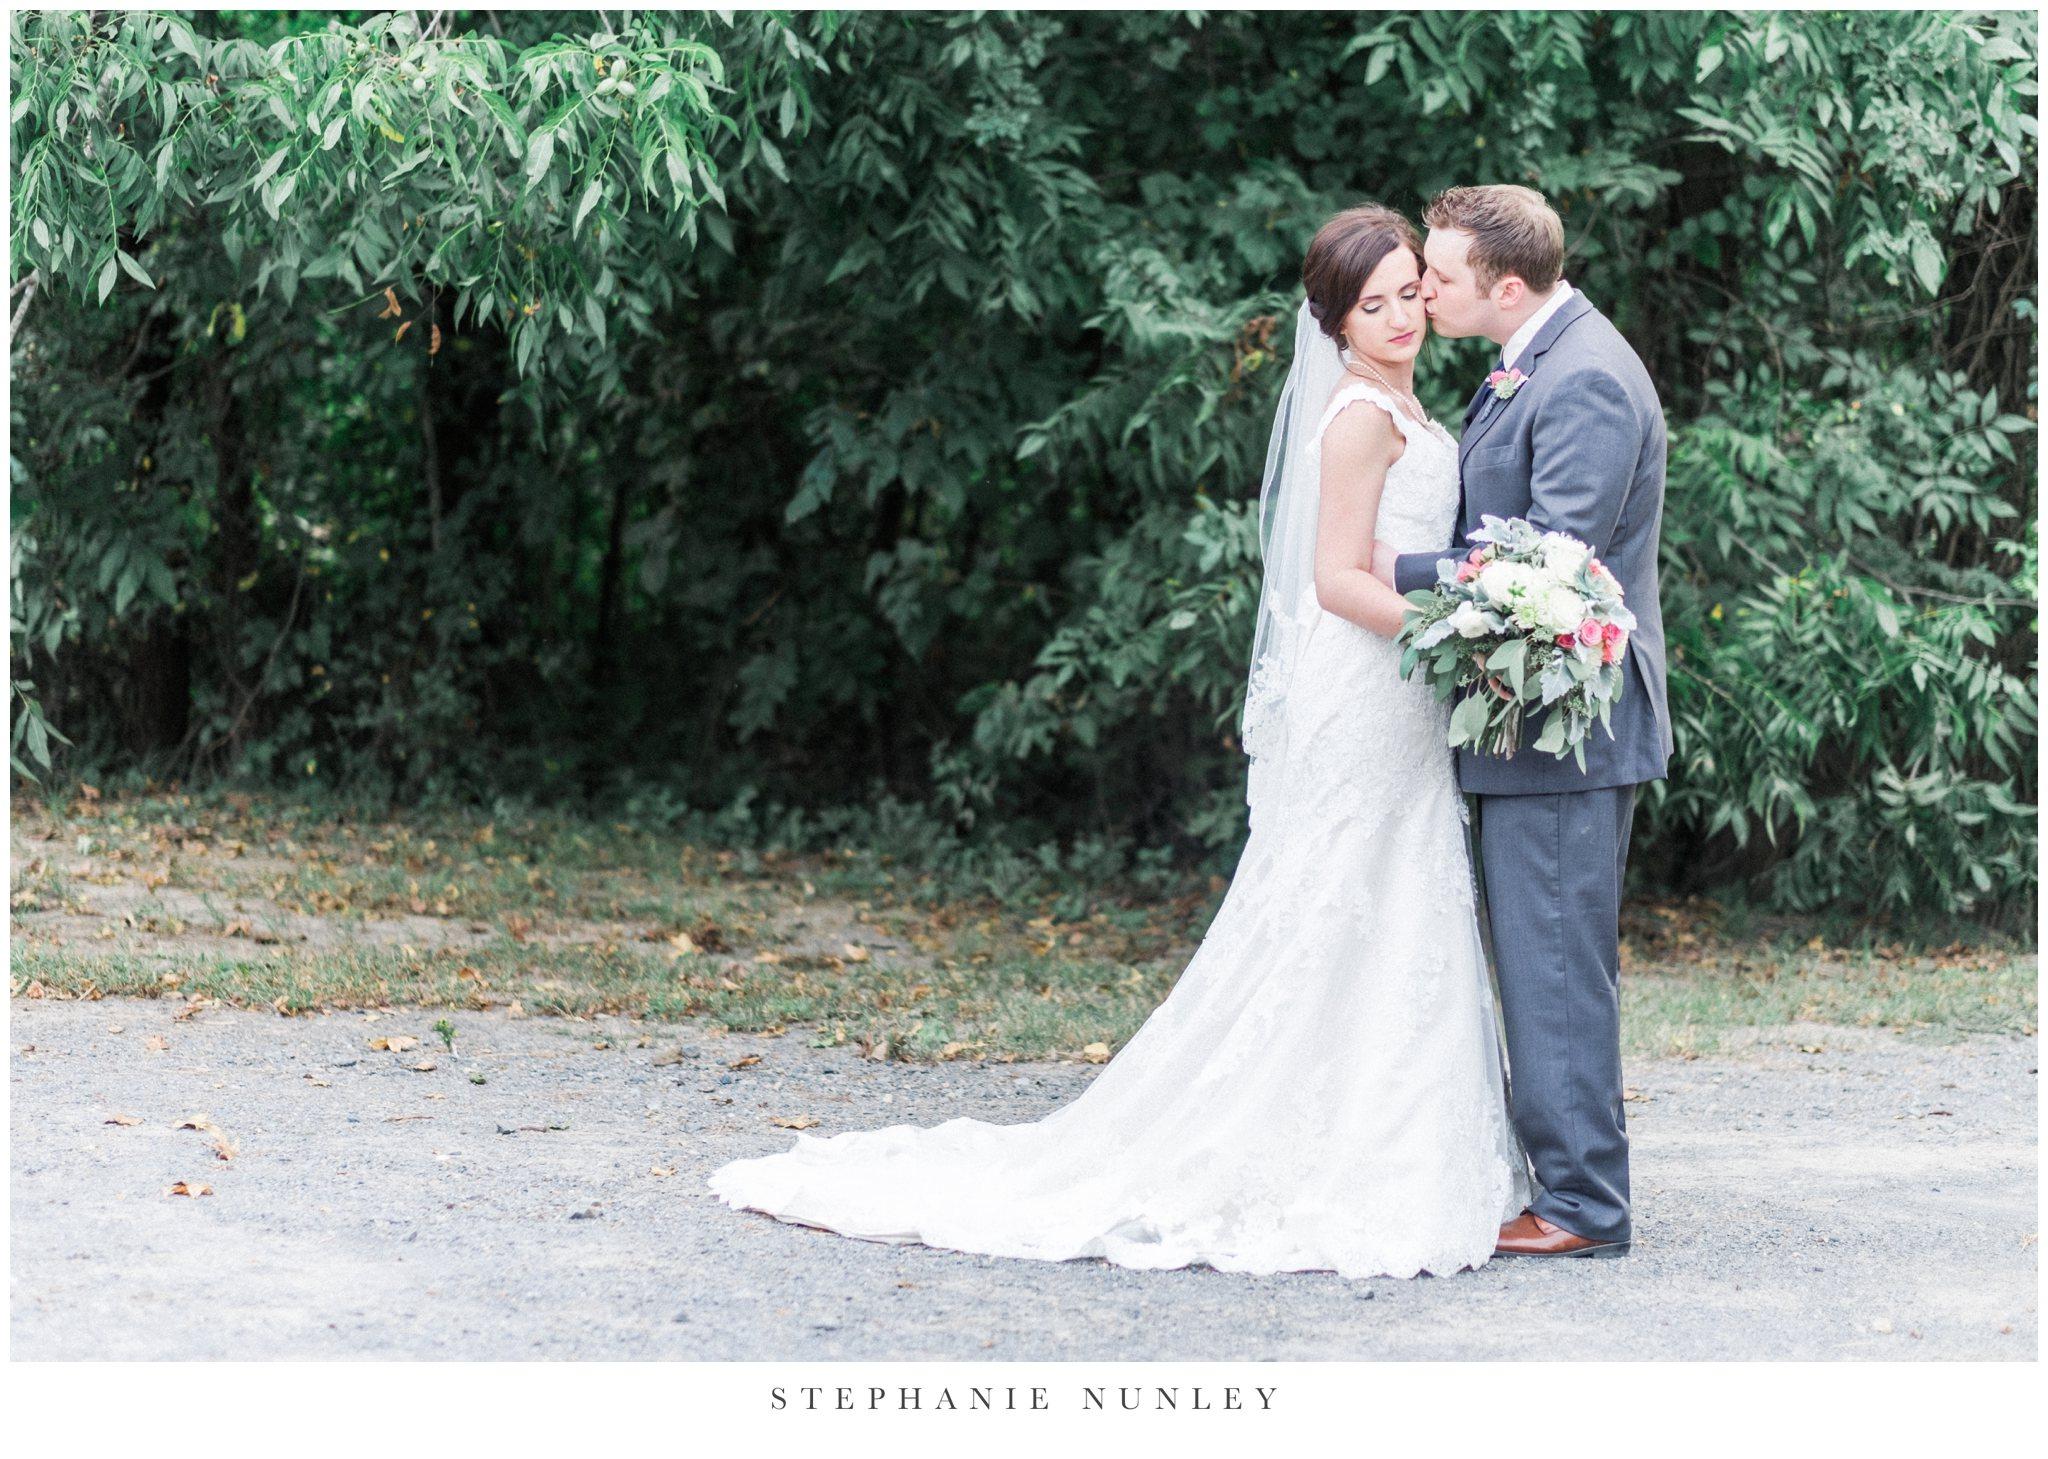 arkansas-outdoor-film-inspired-wedding-0069.jpg